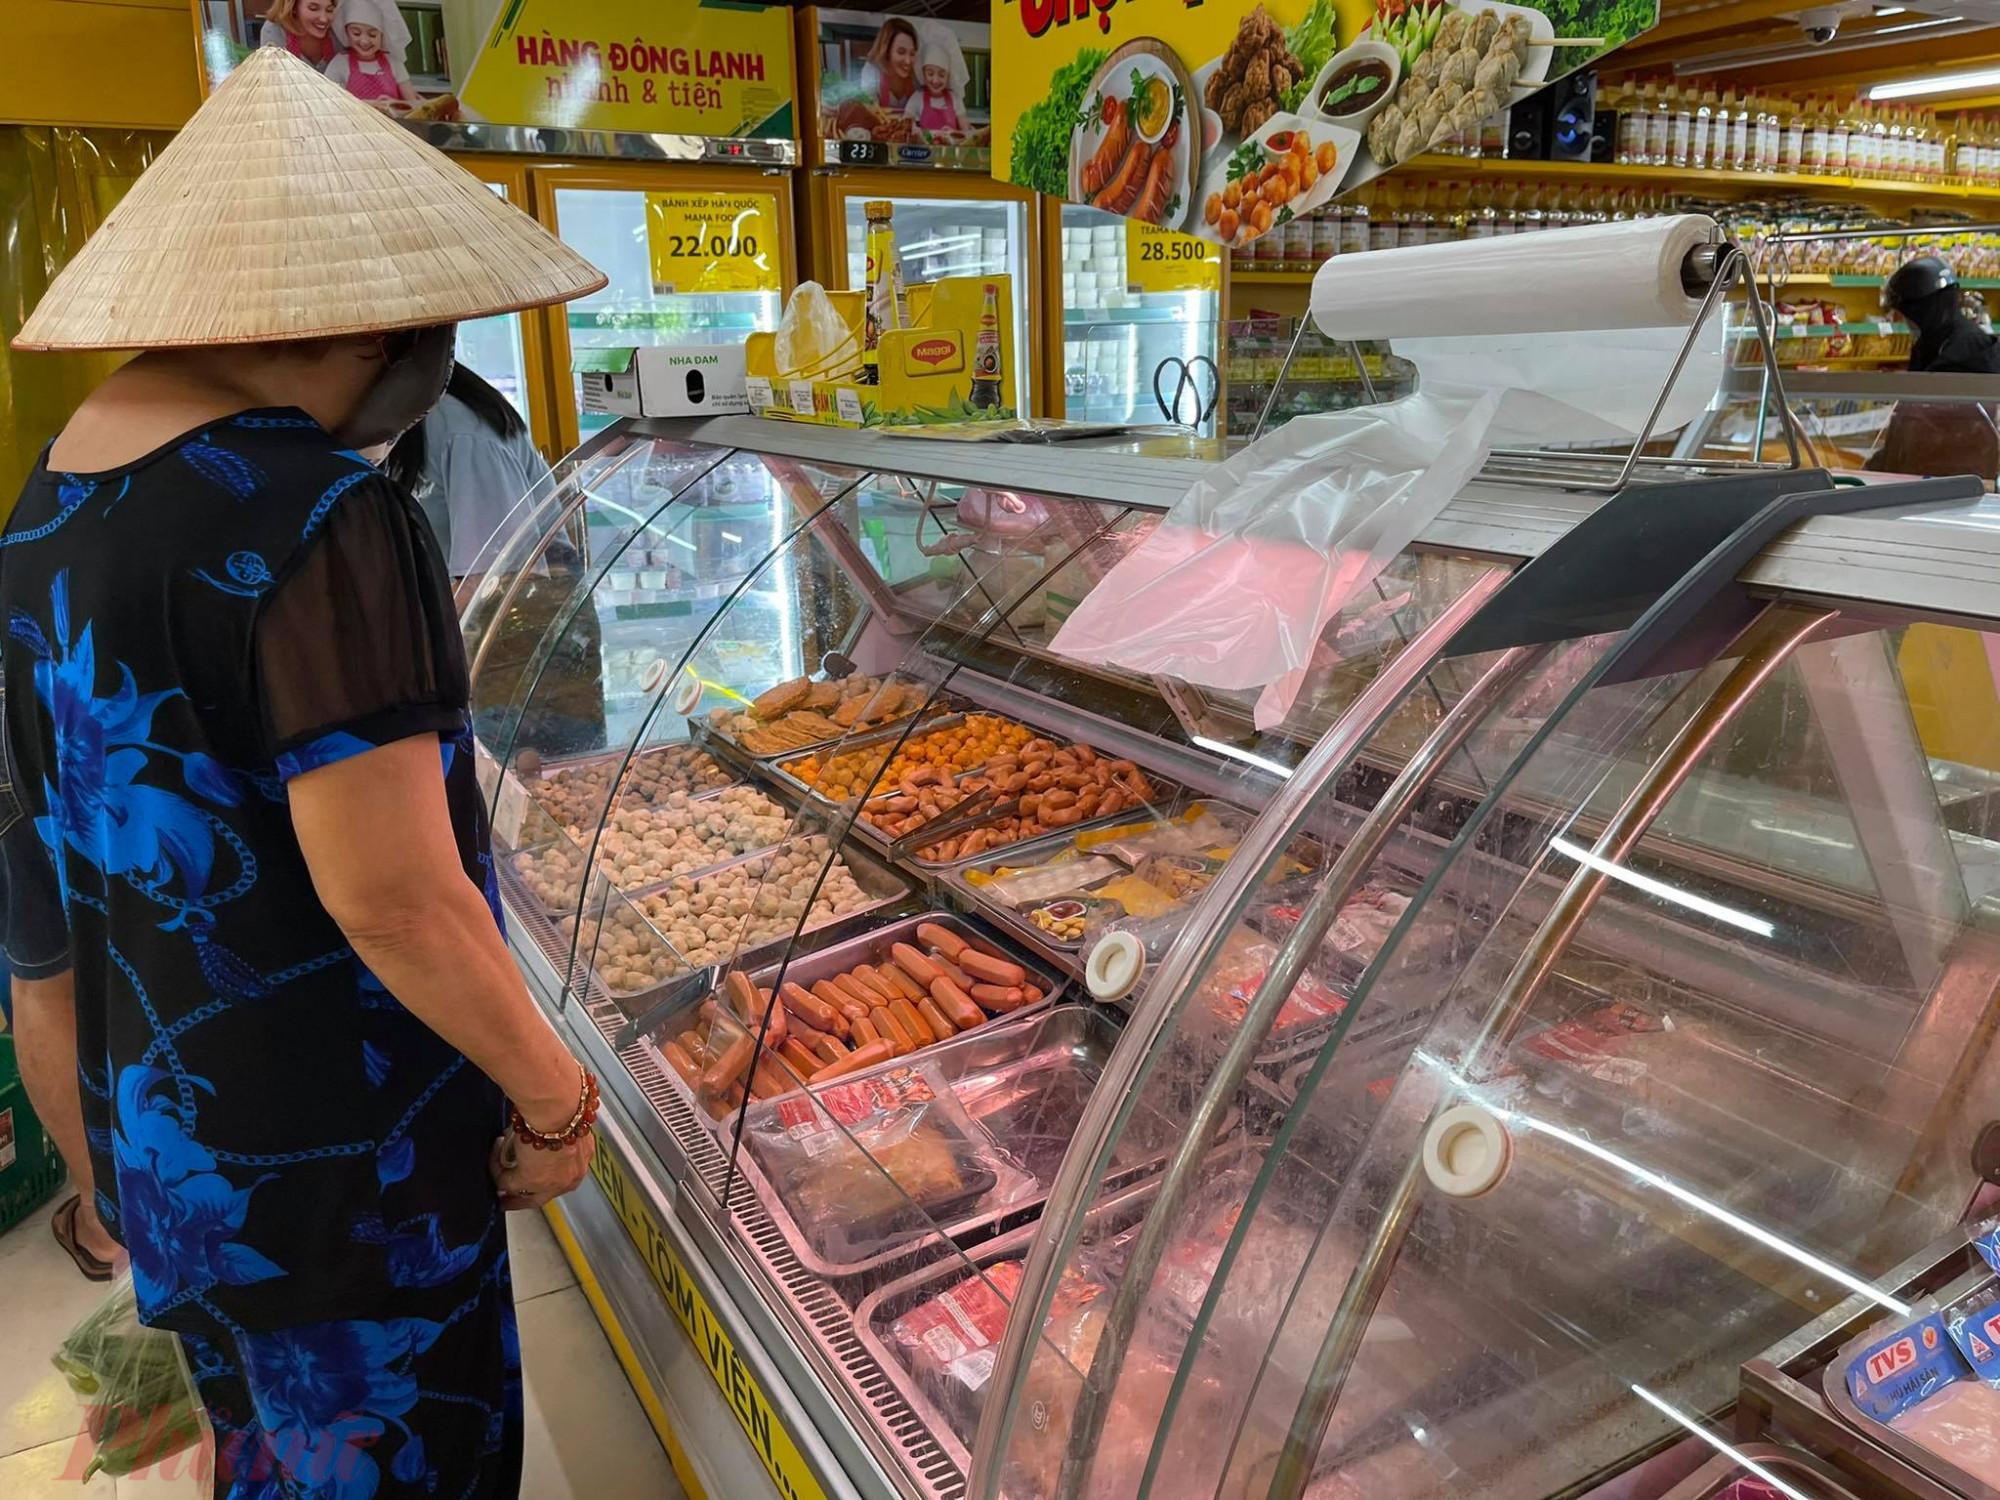 Tủ thịt hết hàng, nhân viên chêm thực phẩm đông lạnh cho khách mua thay thế.